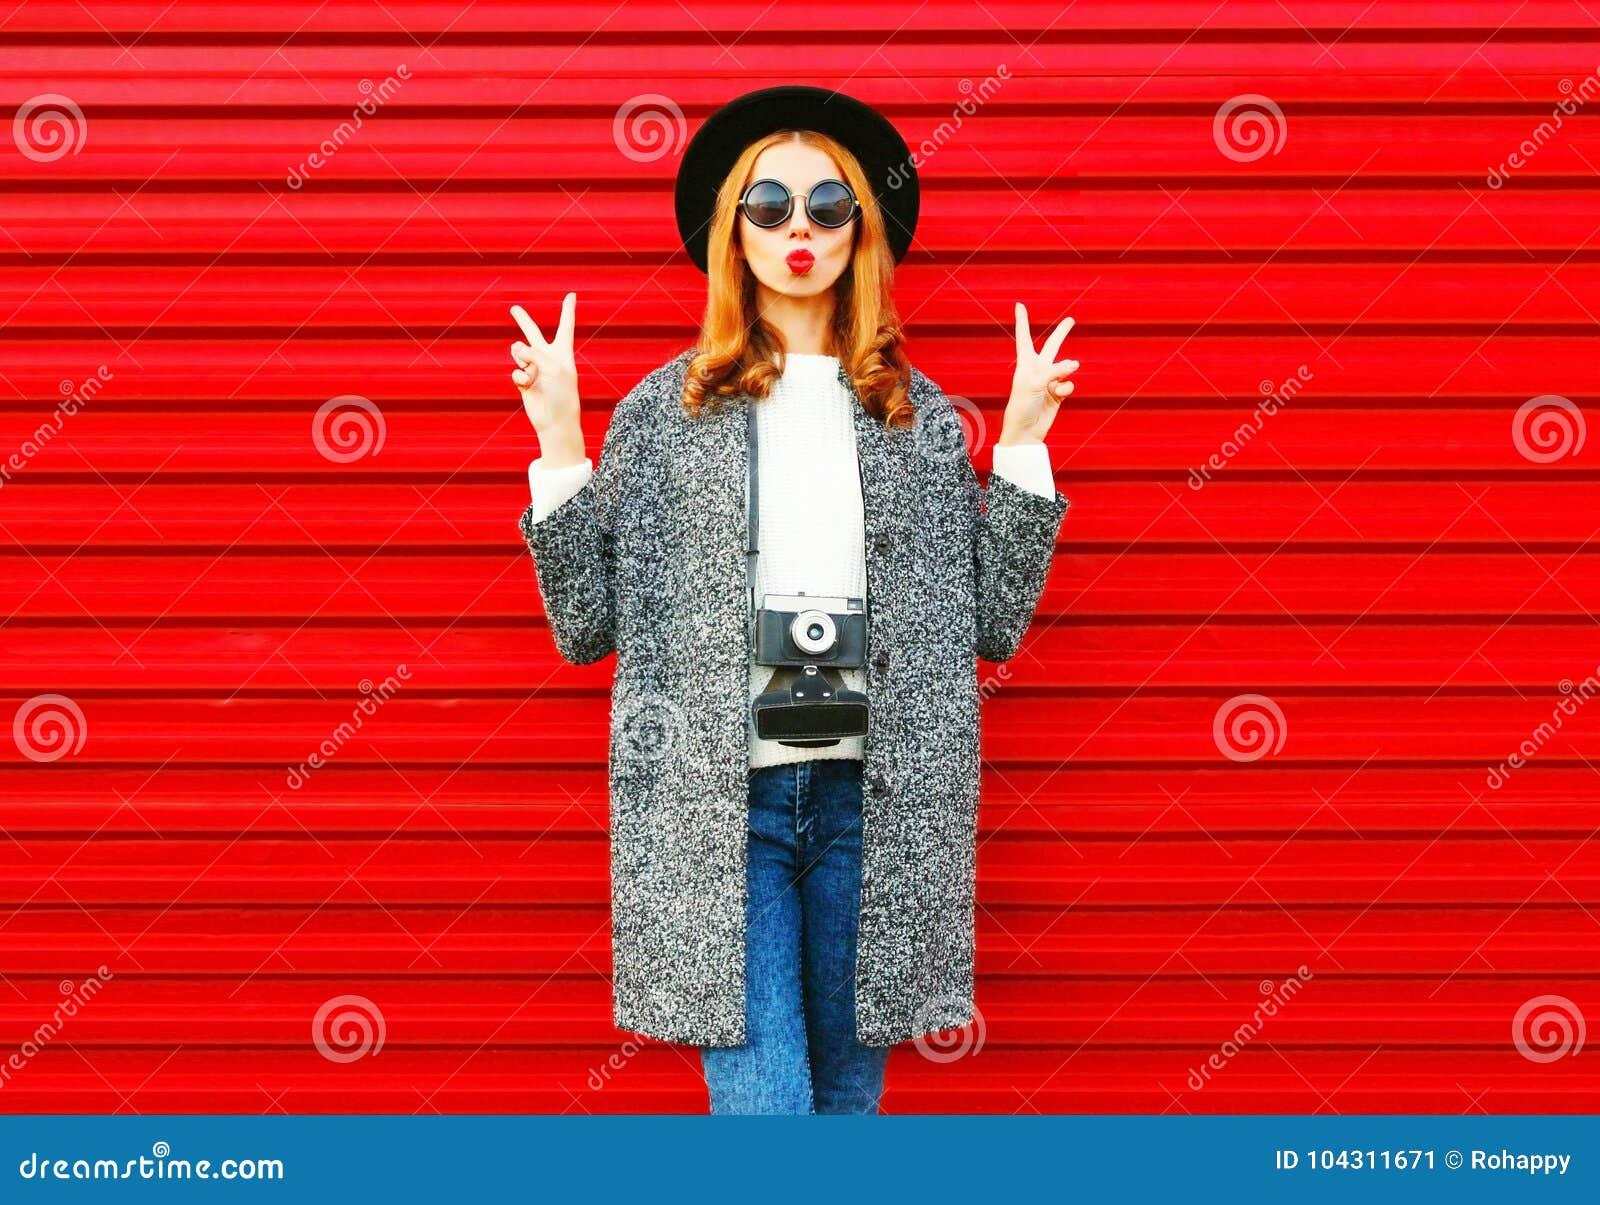 Όμορφη γυναίκα πορτρέτου μόδας με την αναδρομική τοποθέτηση καμερών σε ένα κόκκινο